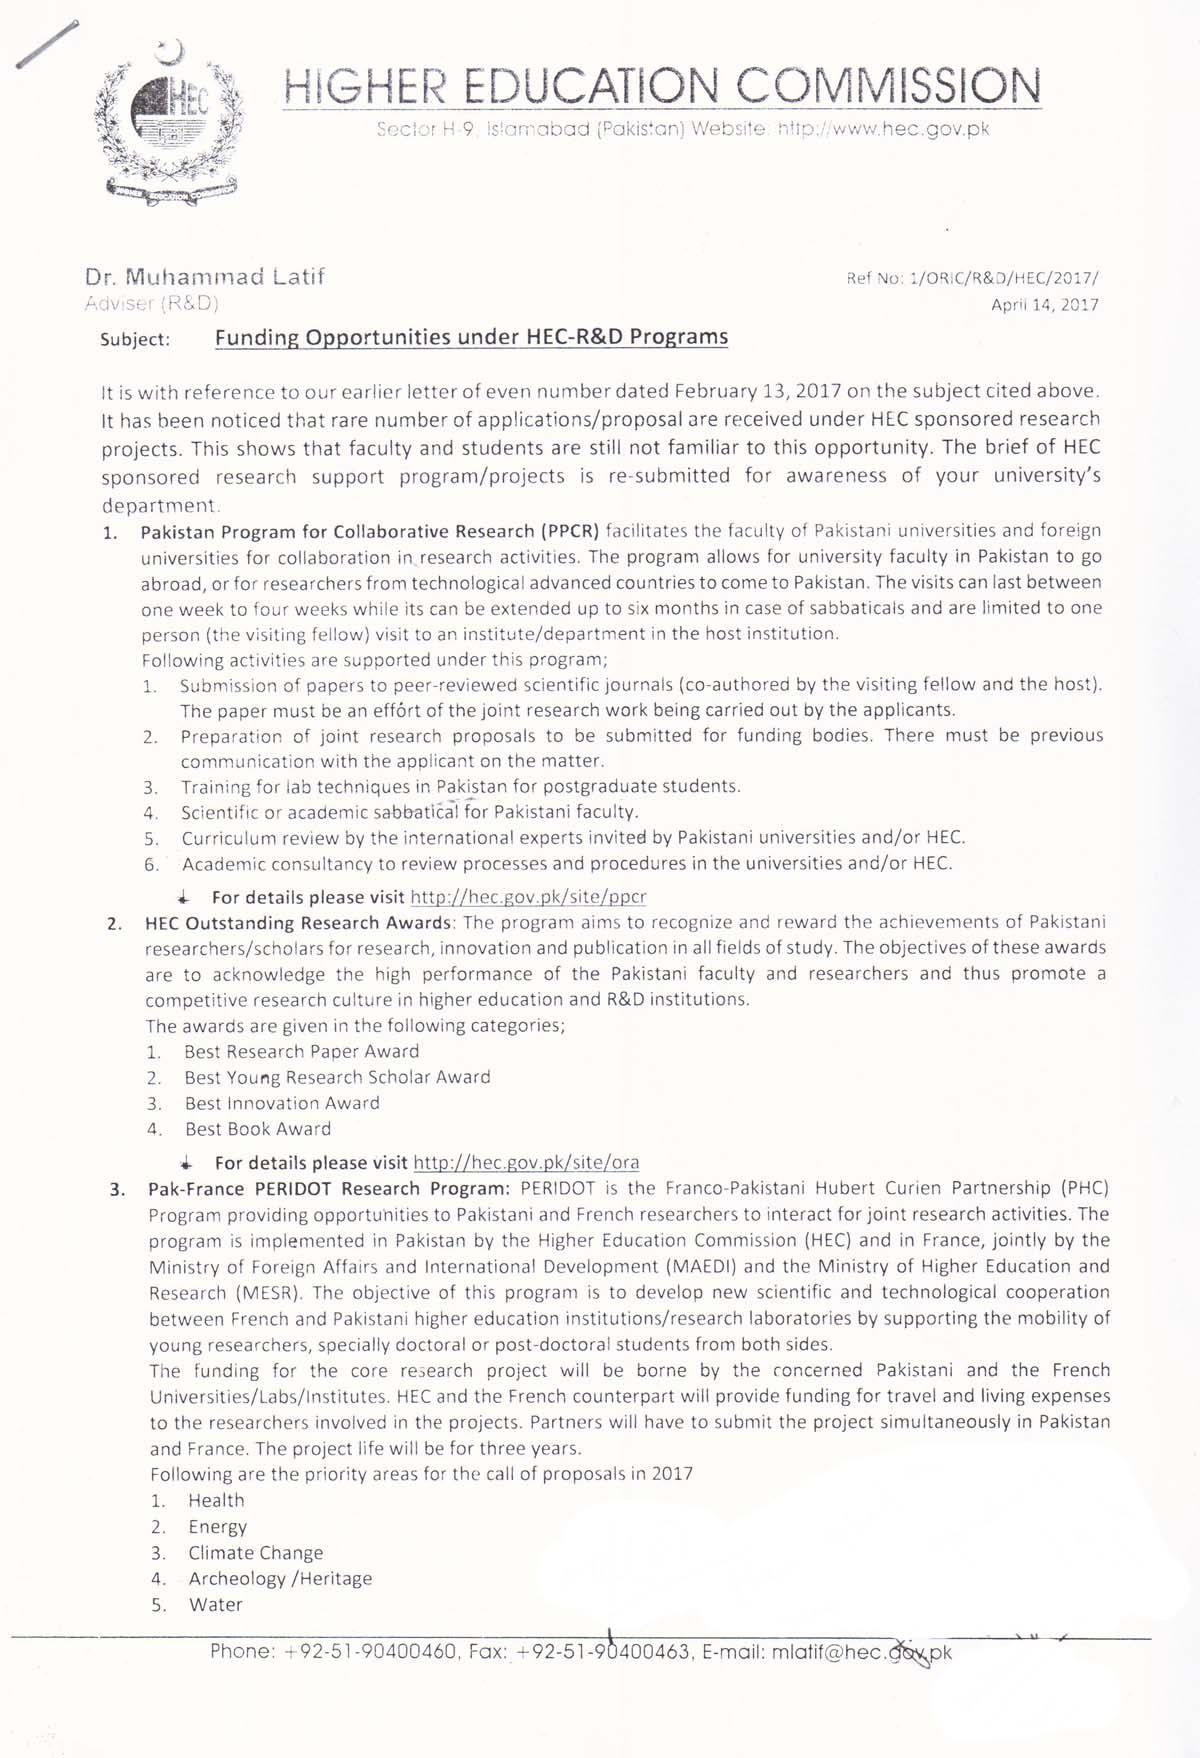 Funding opportunities under HEC - R&D programs